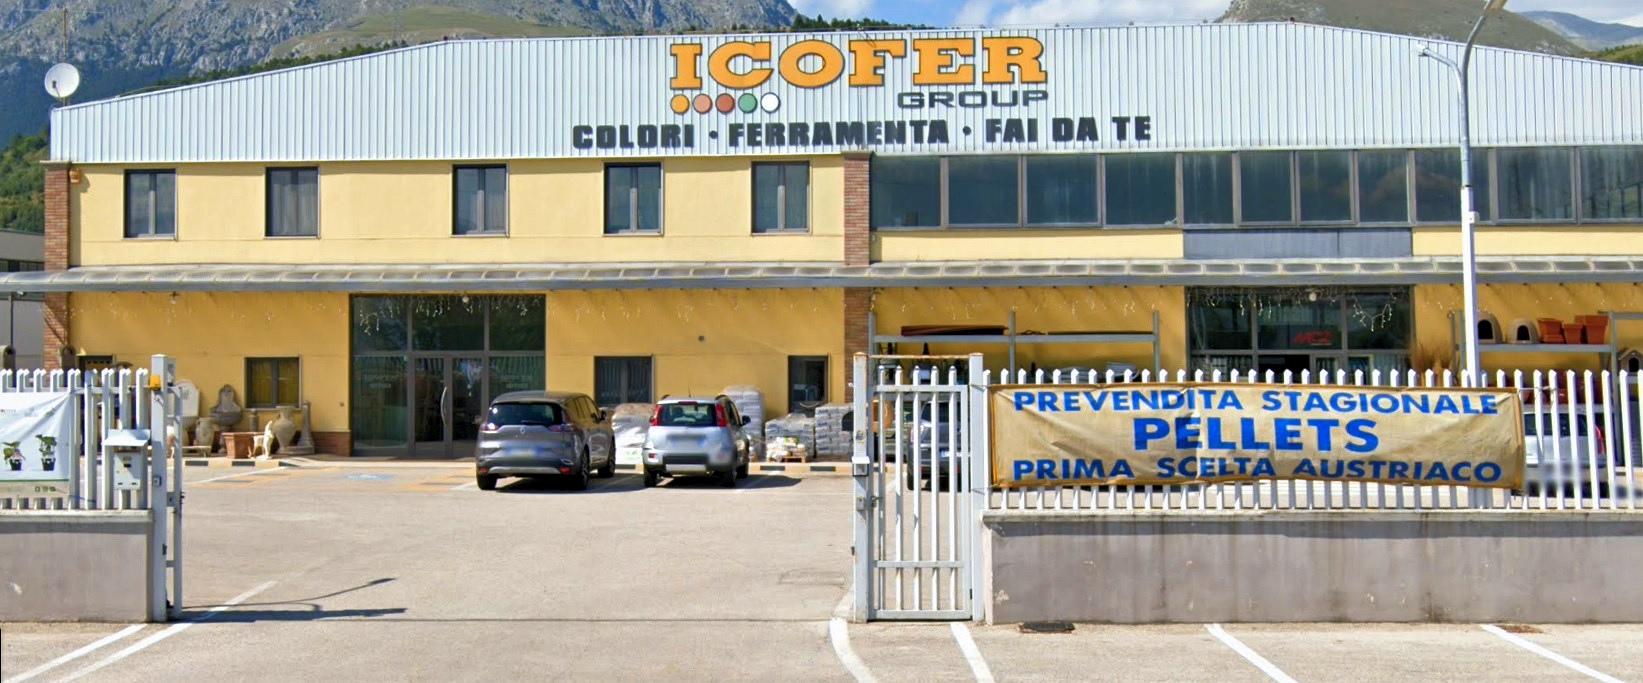 L'azienda Icofer Group cerca personale